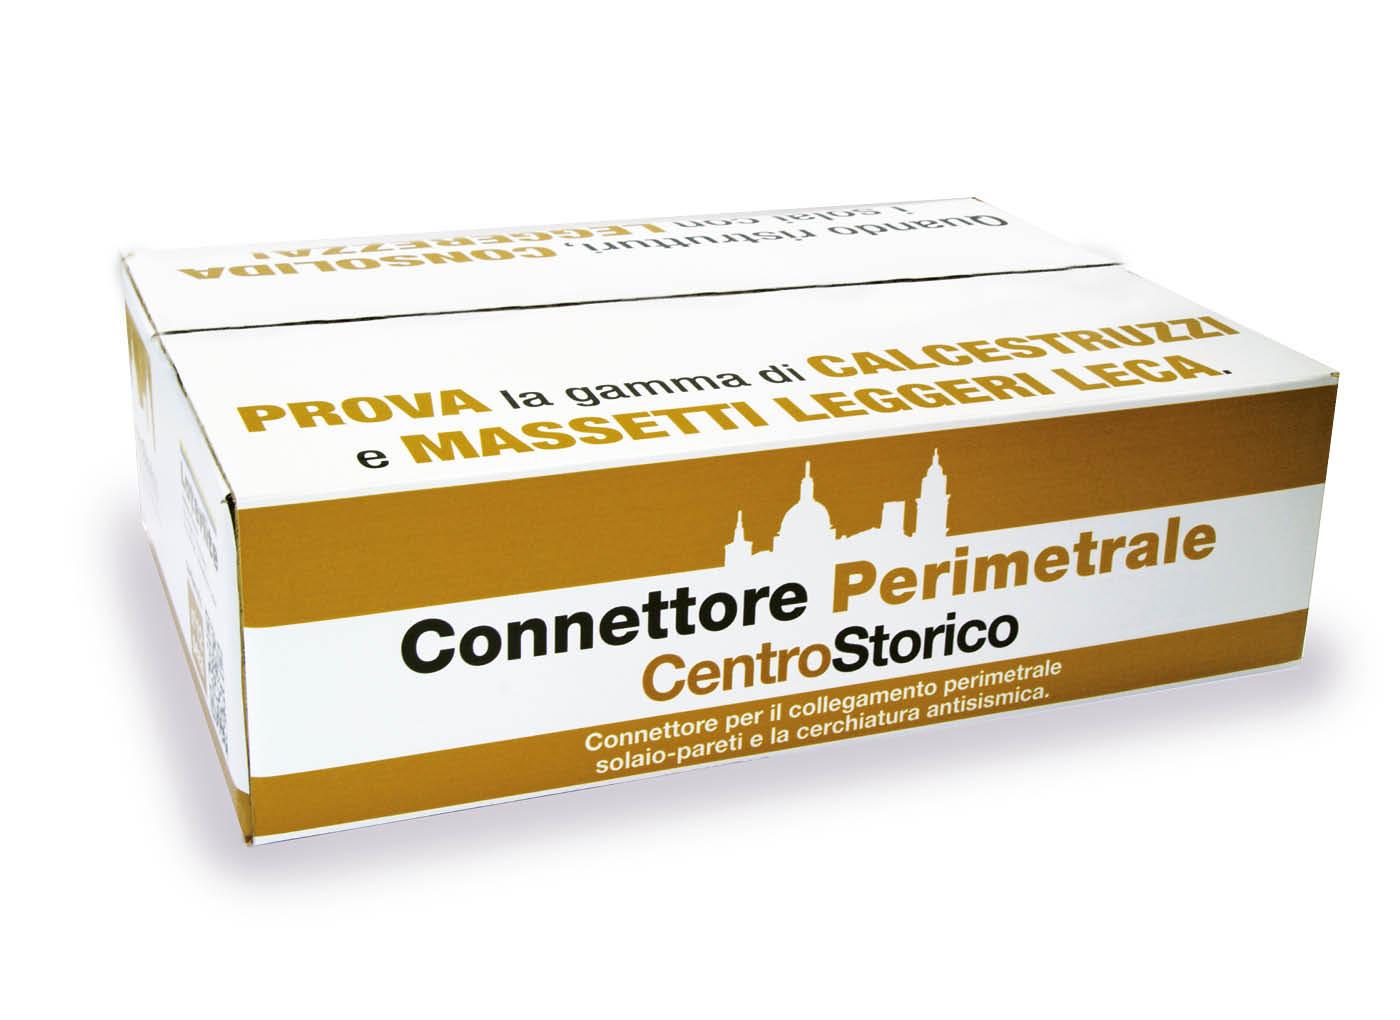 confezione-connettore-centrostorico-perimetrale-P34-2